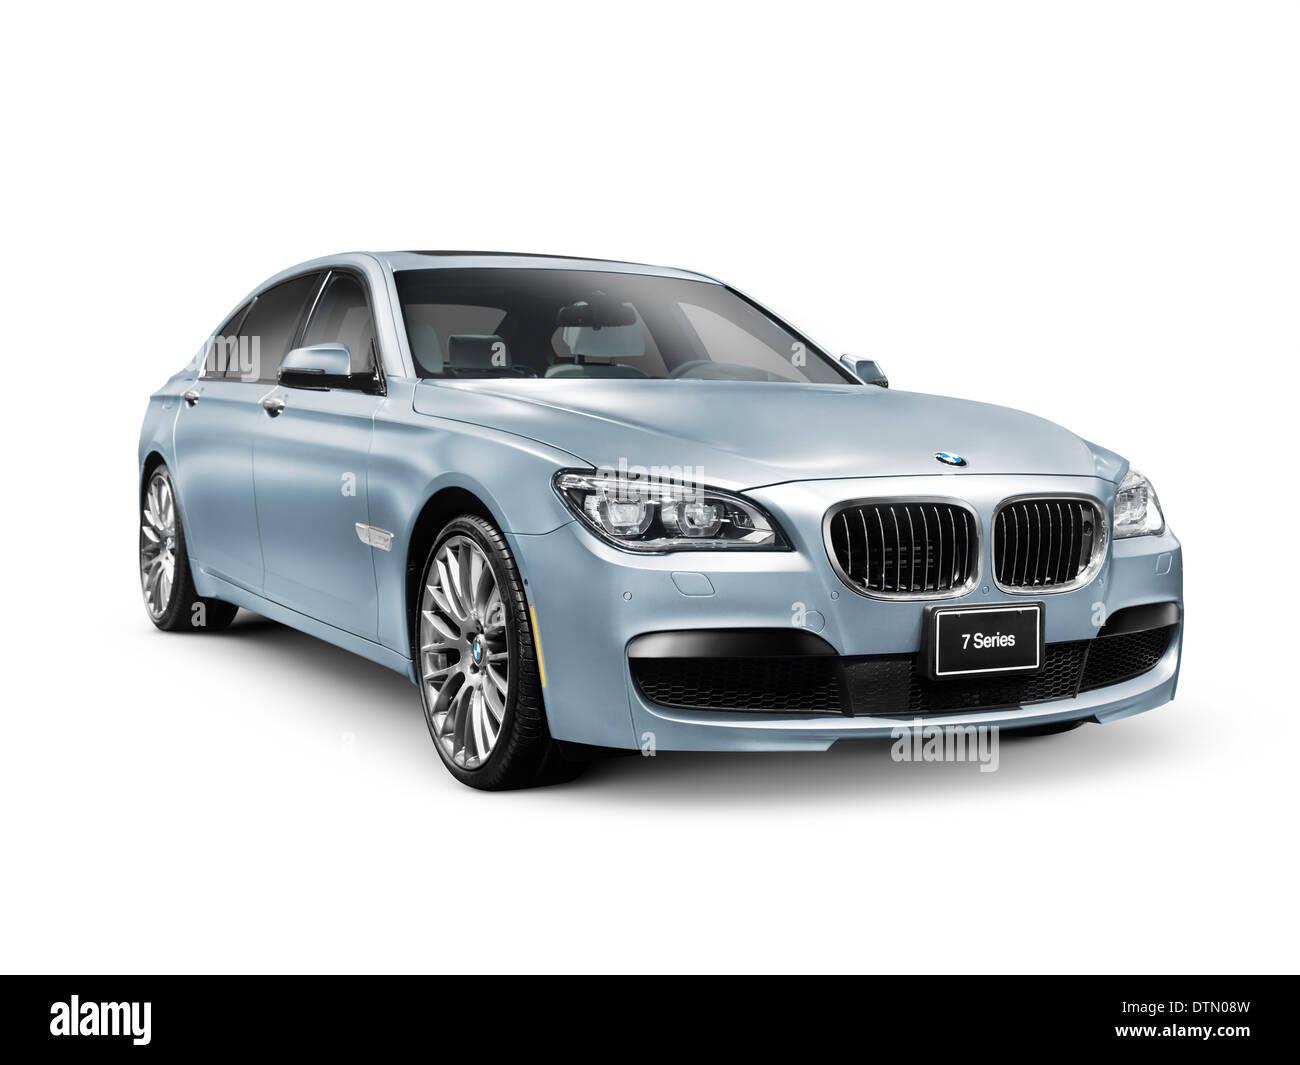 Blue 2014 BMW 750Li XDrive sedan luxury car isolated on white background - Stock Image